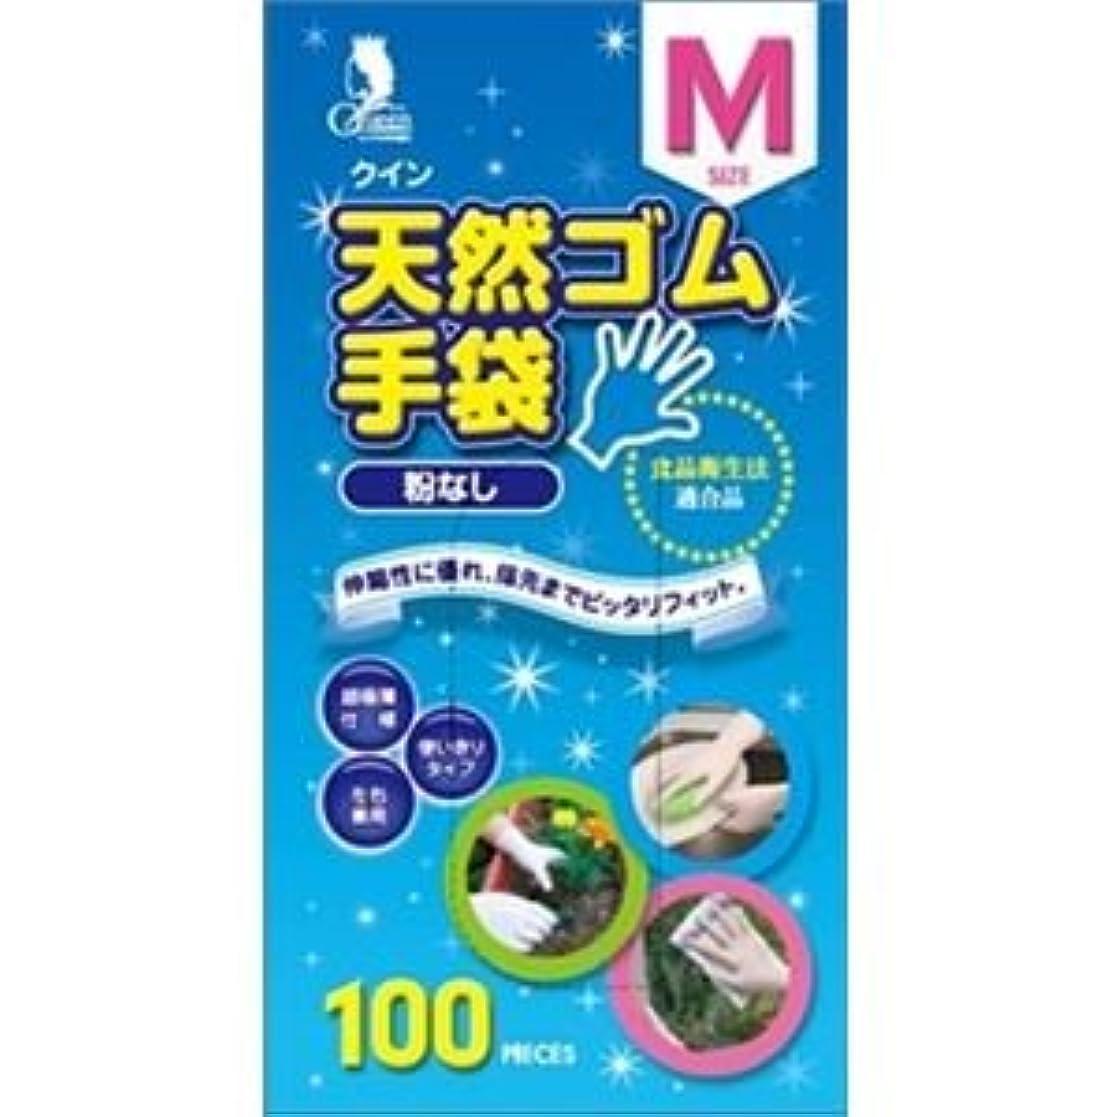 出会いおとこ割合(まとめ)宇都宮製作 クイン天然ゴム手袋 M 100枚入 (N) 【×3点セット】